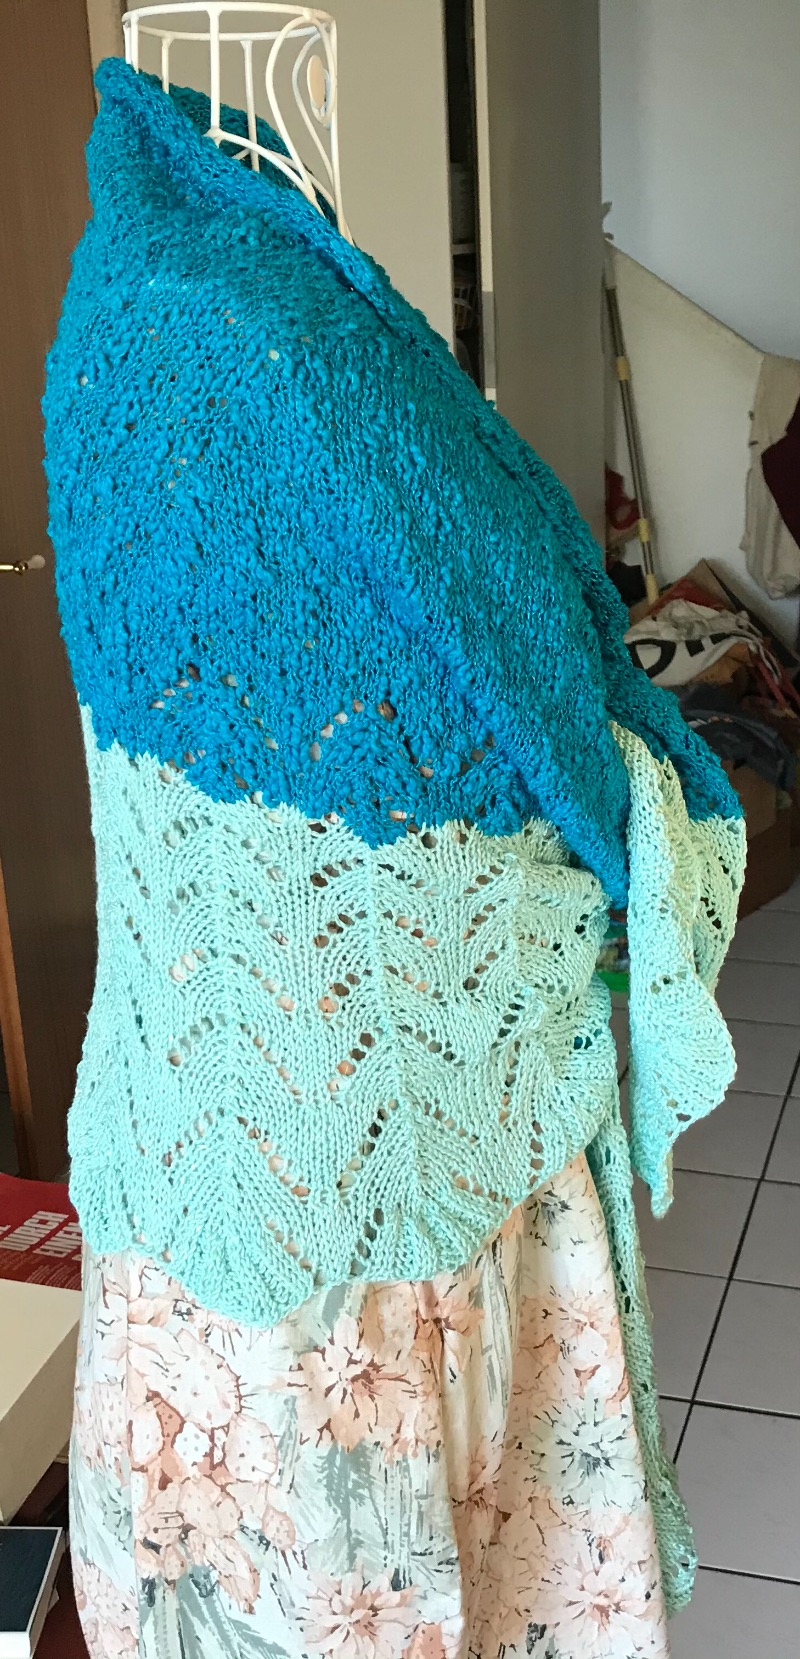 Kleinesbild - Gestricktes Tuch mit Wellenmuster Baumwolle / Viskose vegan